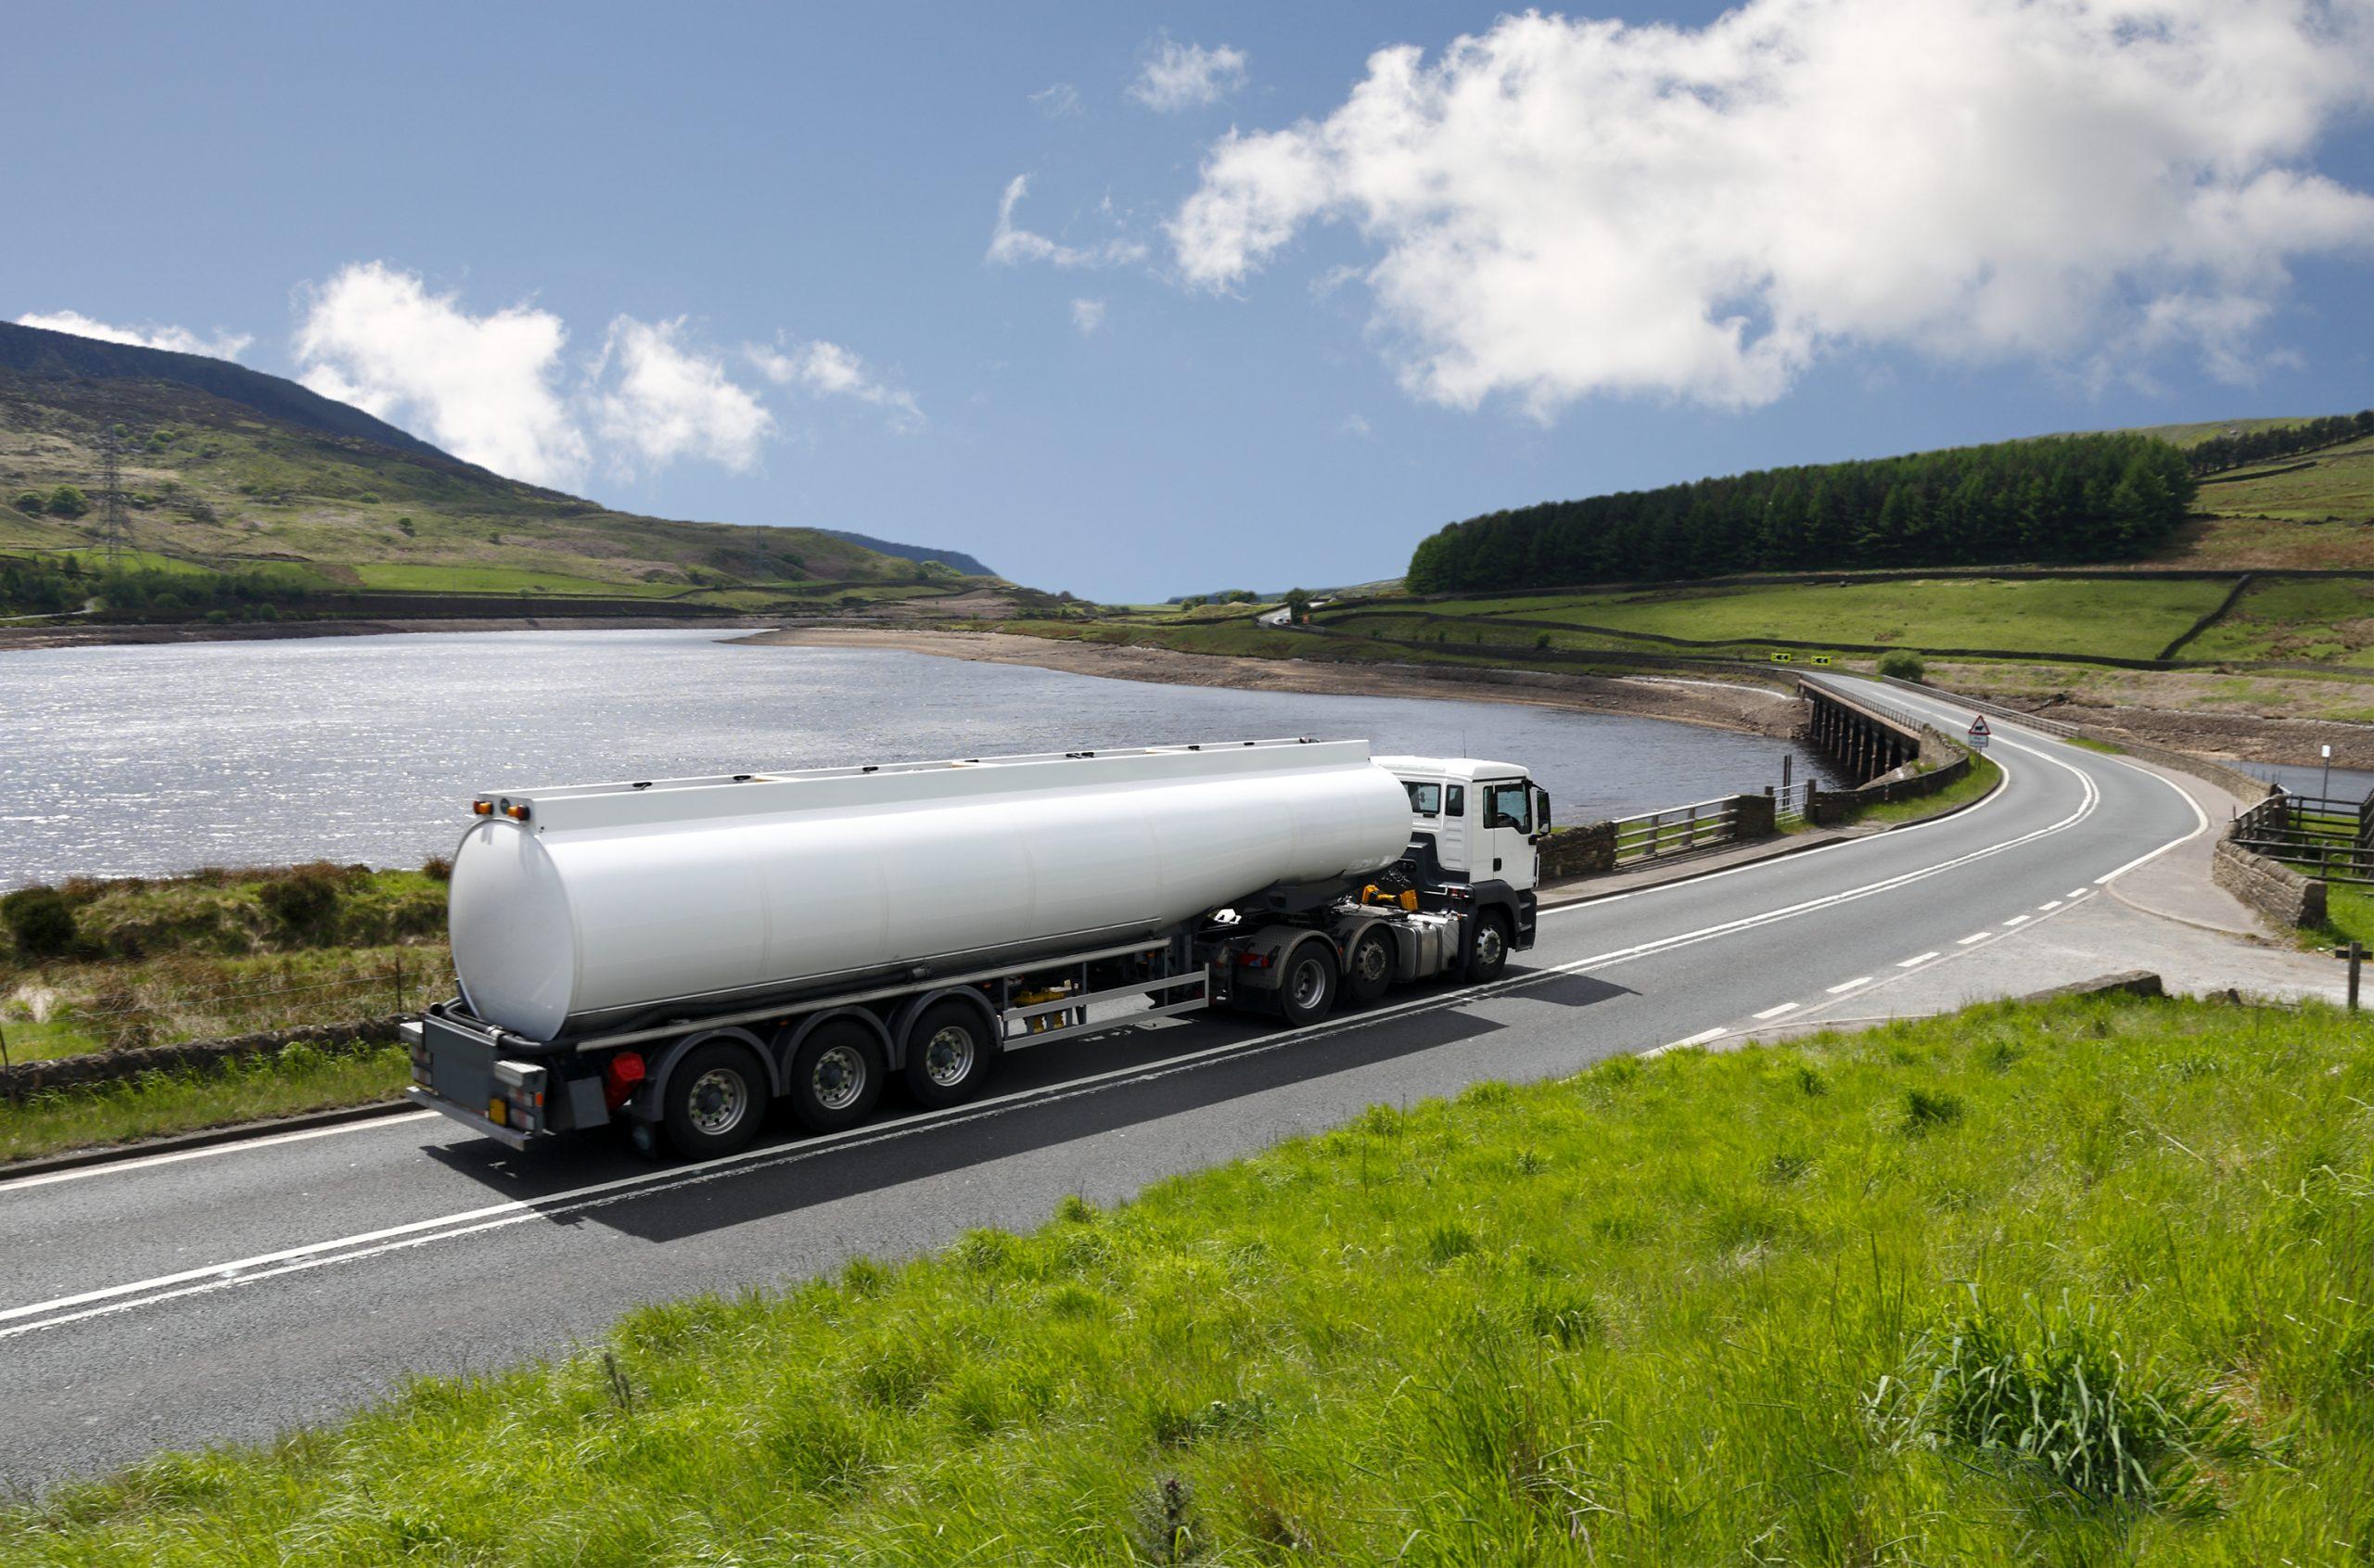 Tanker on UK road